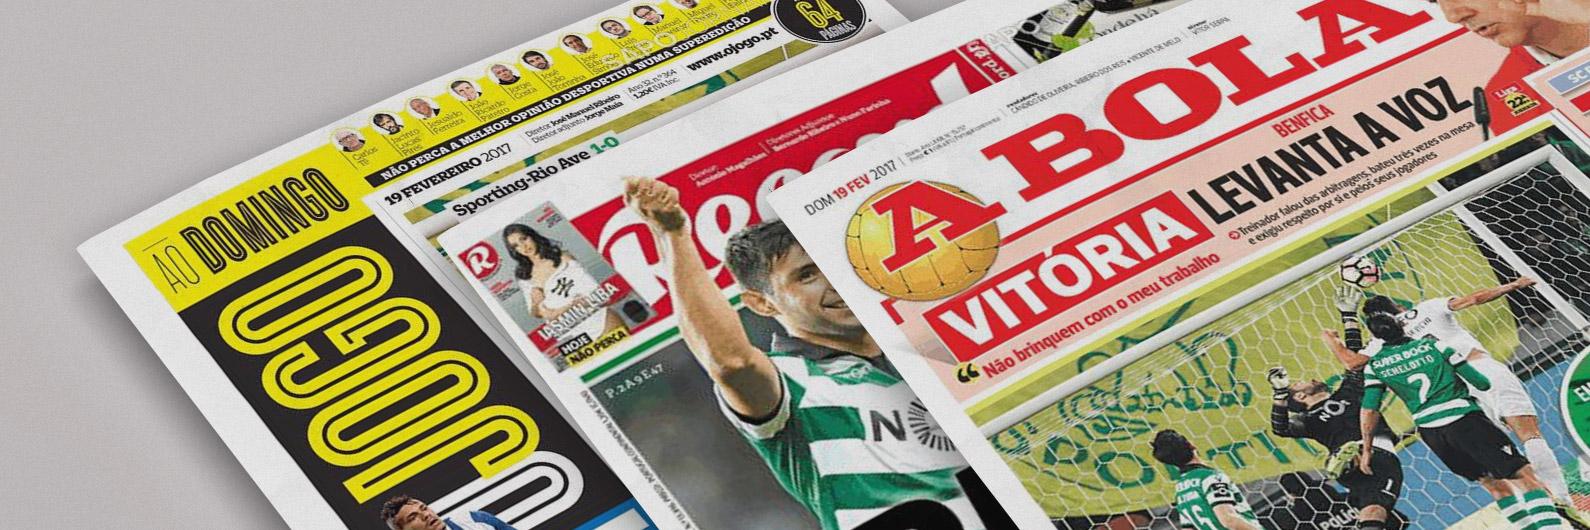 Revista de imprensa: São Patrício abençoa as manchetes